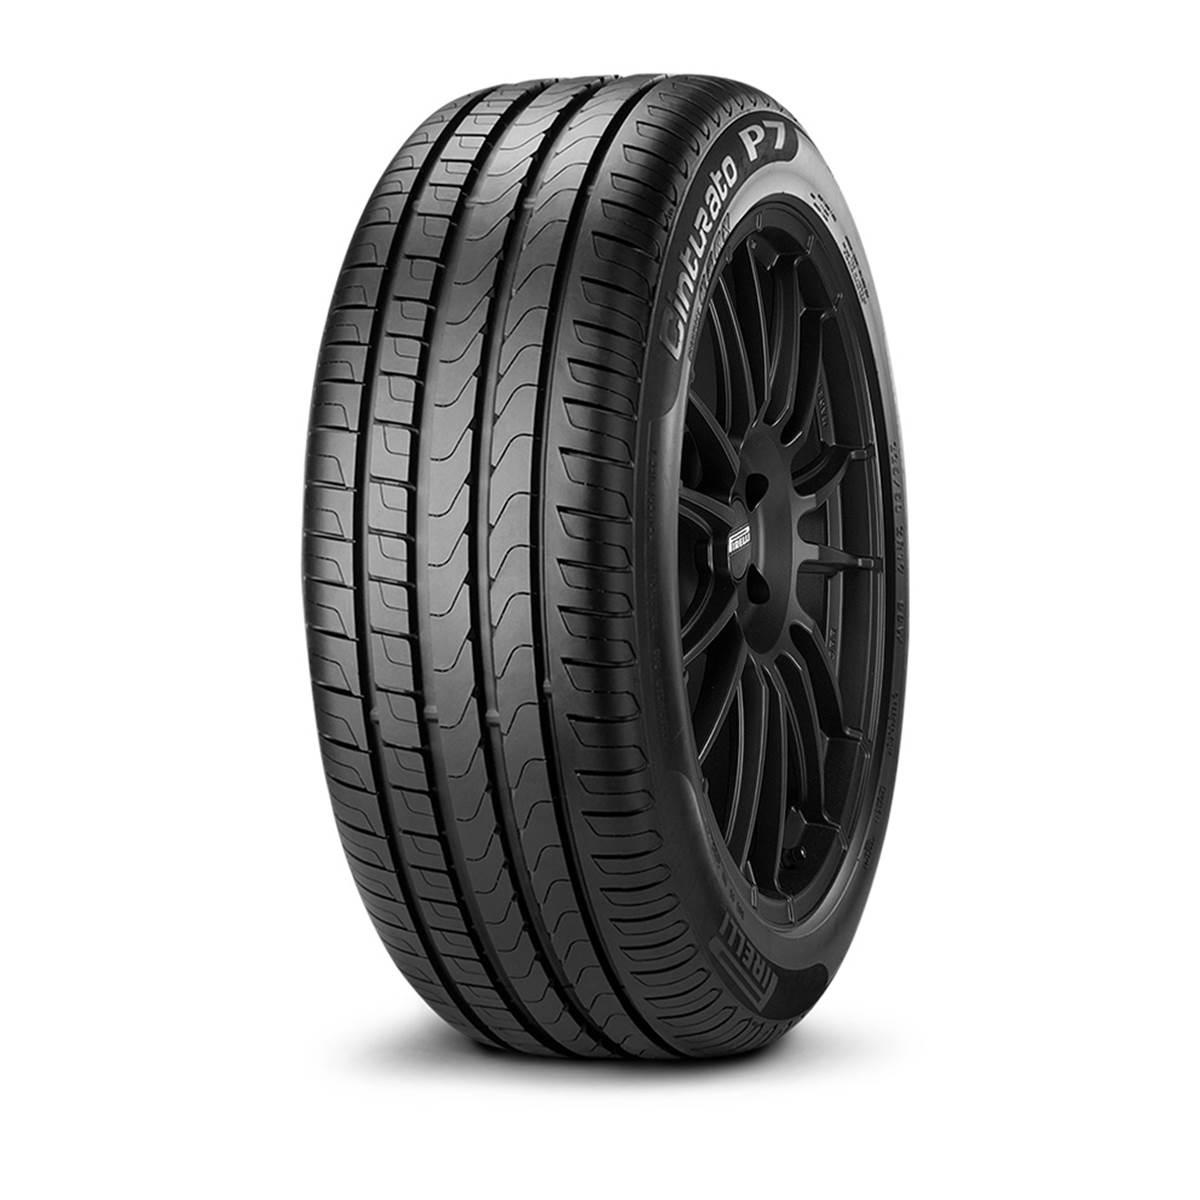 Pirelli Cinturato P7 Homologue Mercedes